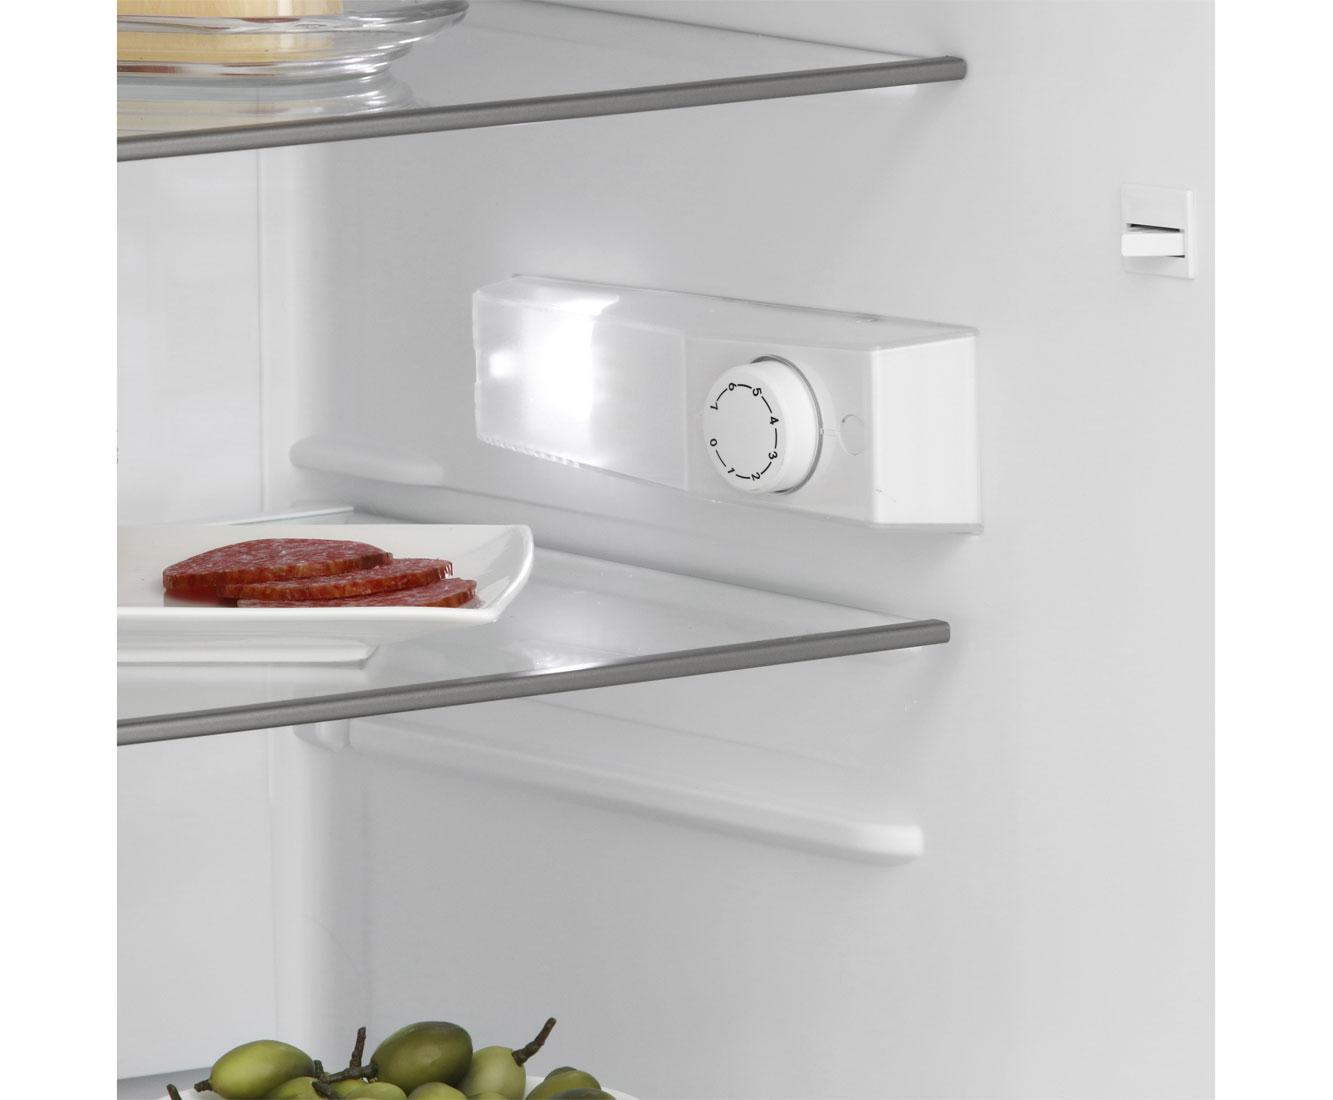 Bomann Kühlschrank Schublade : Bomann kühlschrank kg ersatzteile: ersatzteile und zubehör für kühl